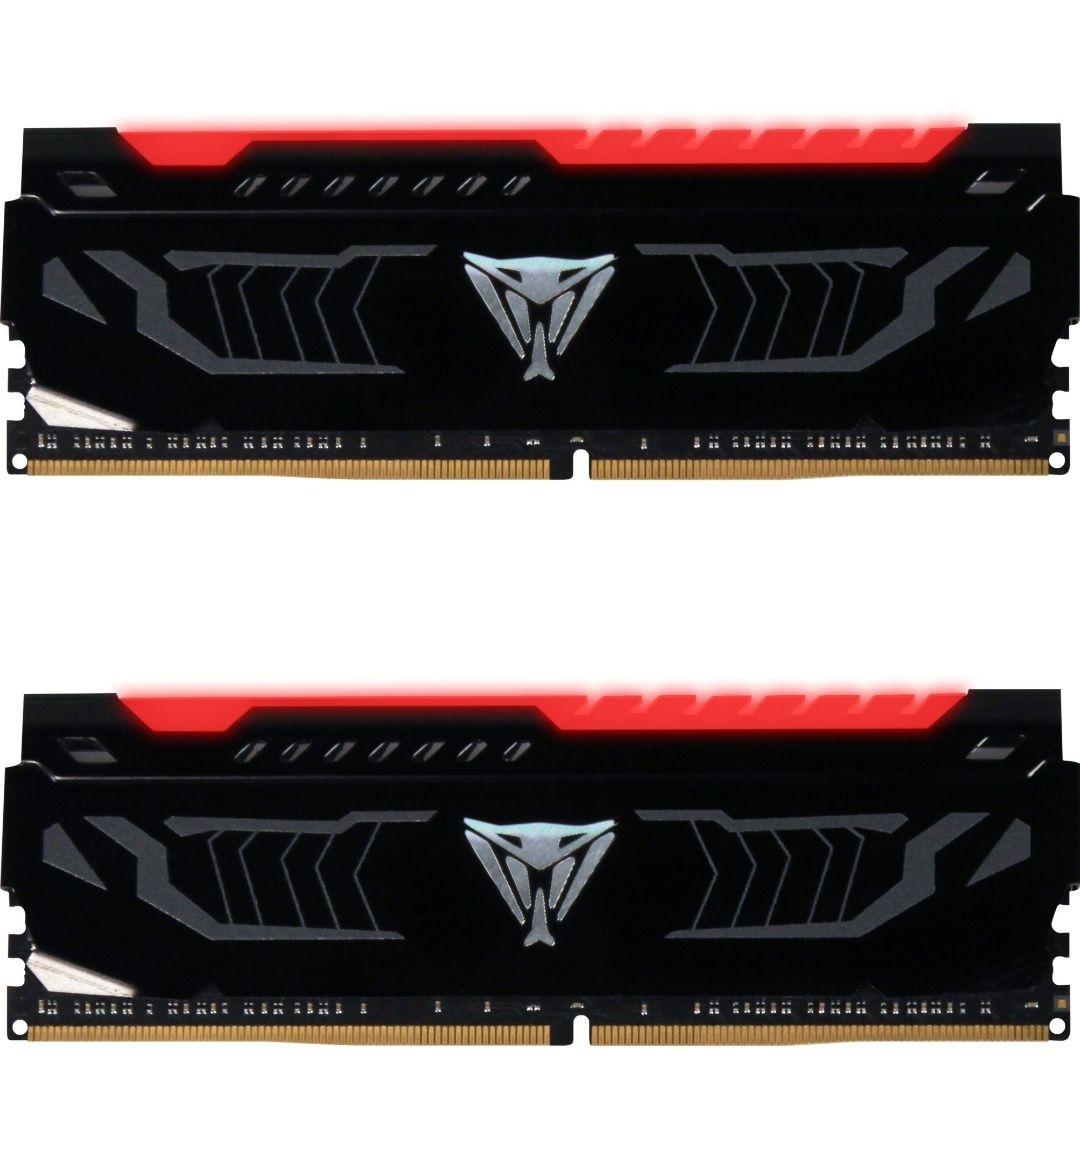 Patriot Viper LED 16GB DDR4-3000 CL15 RAM (Masterpass Alternate) 2 x 8GB